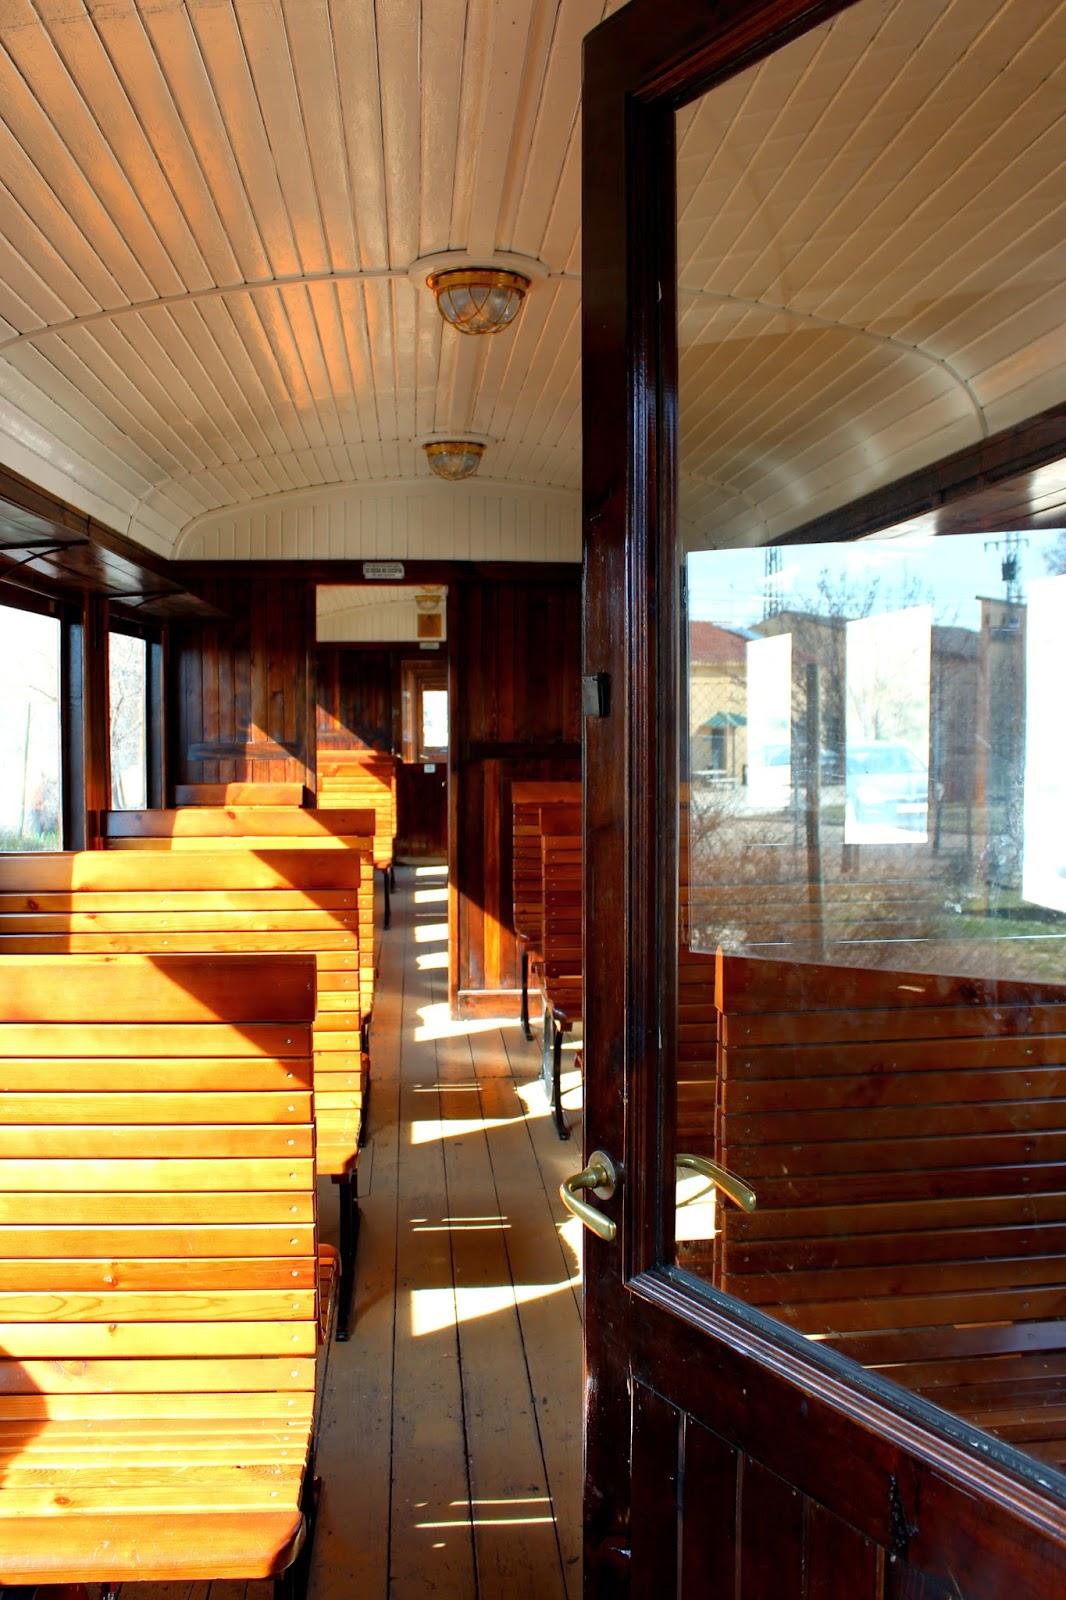 Interior de un tren de vapor